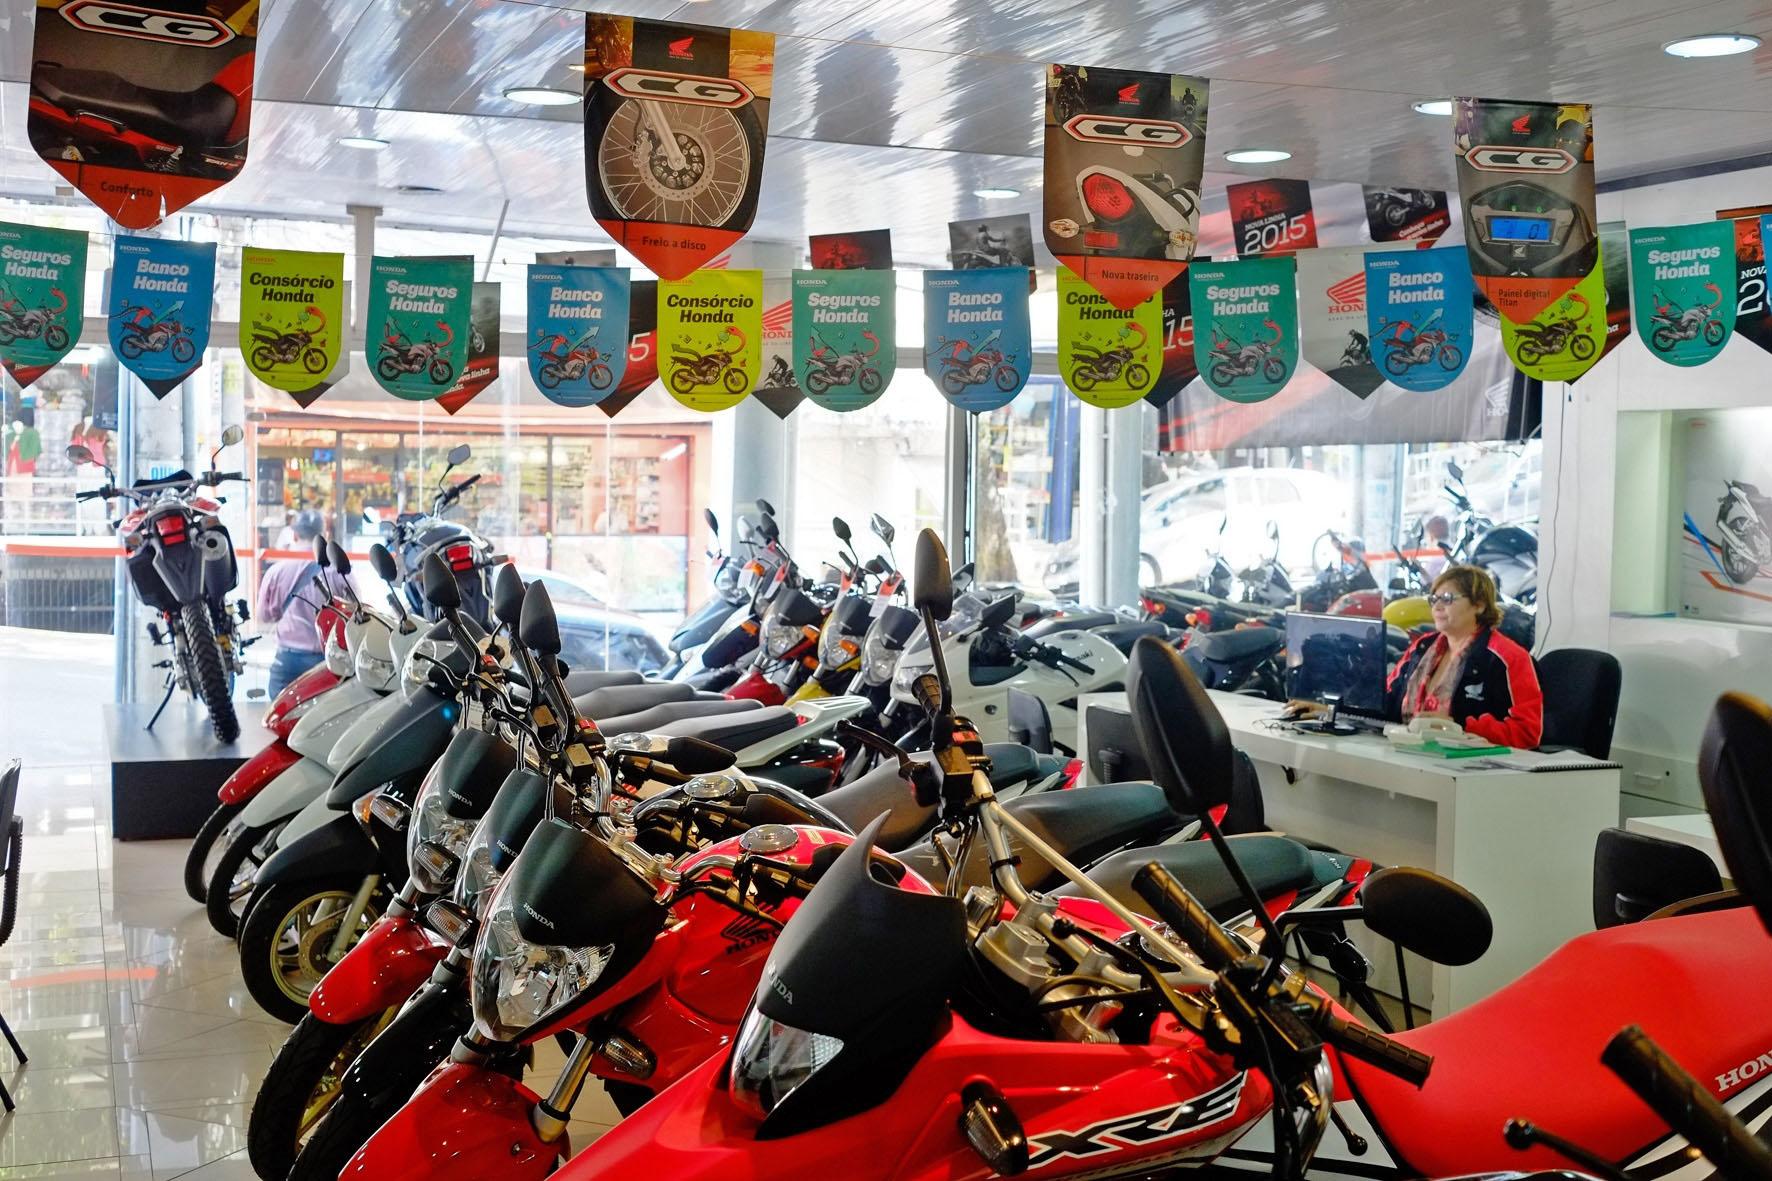 Greve afeta mercado de motos